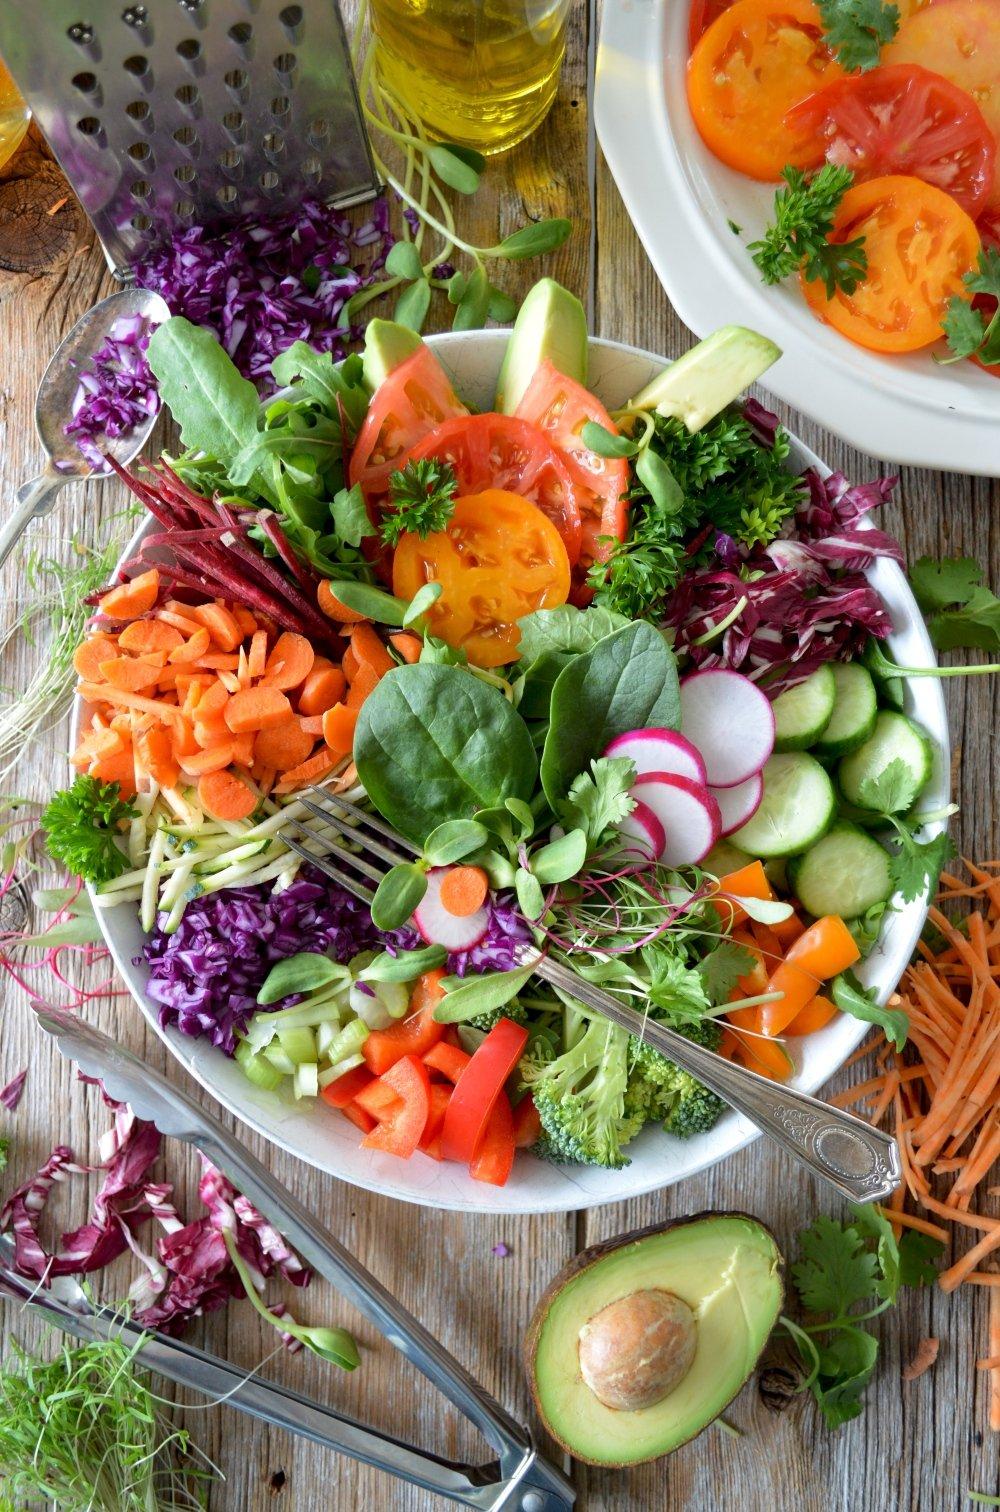 plato blanco con ensalada de verduras de colores sobre una mesa de madera